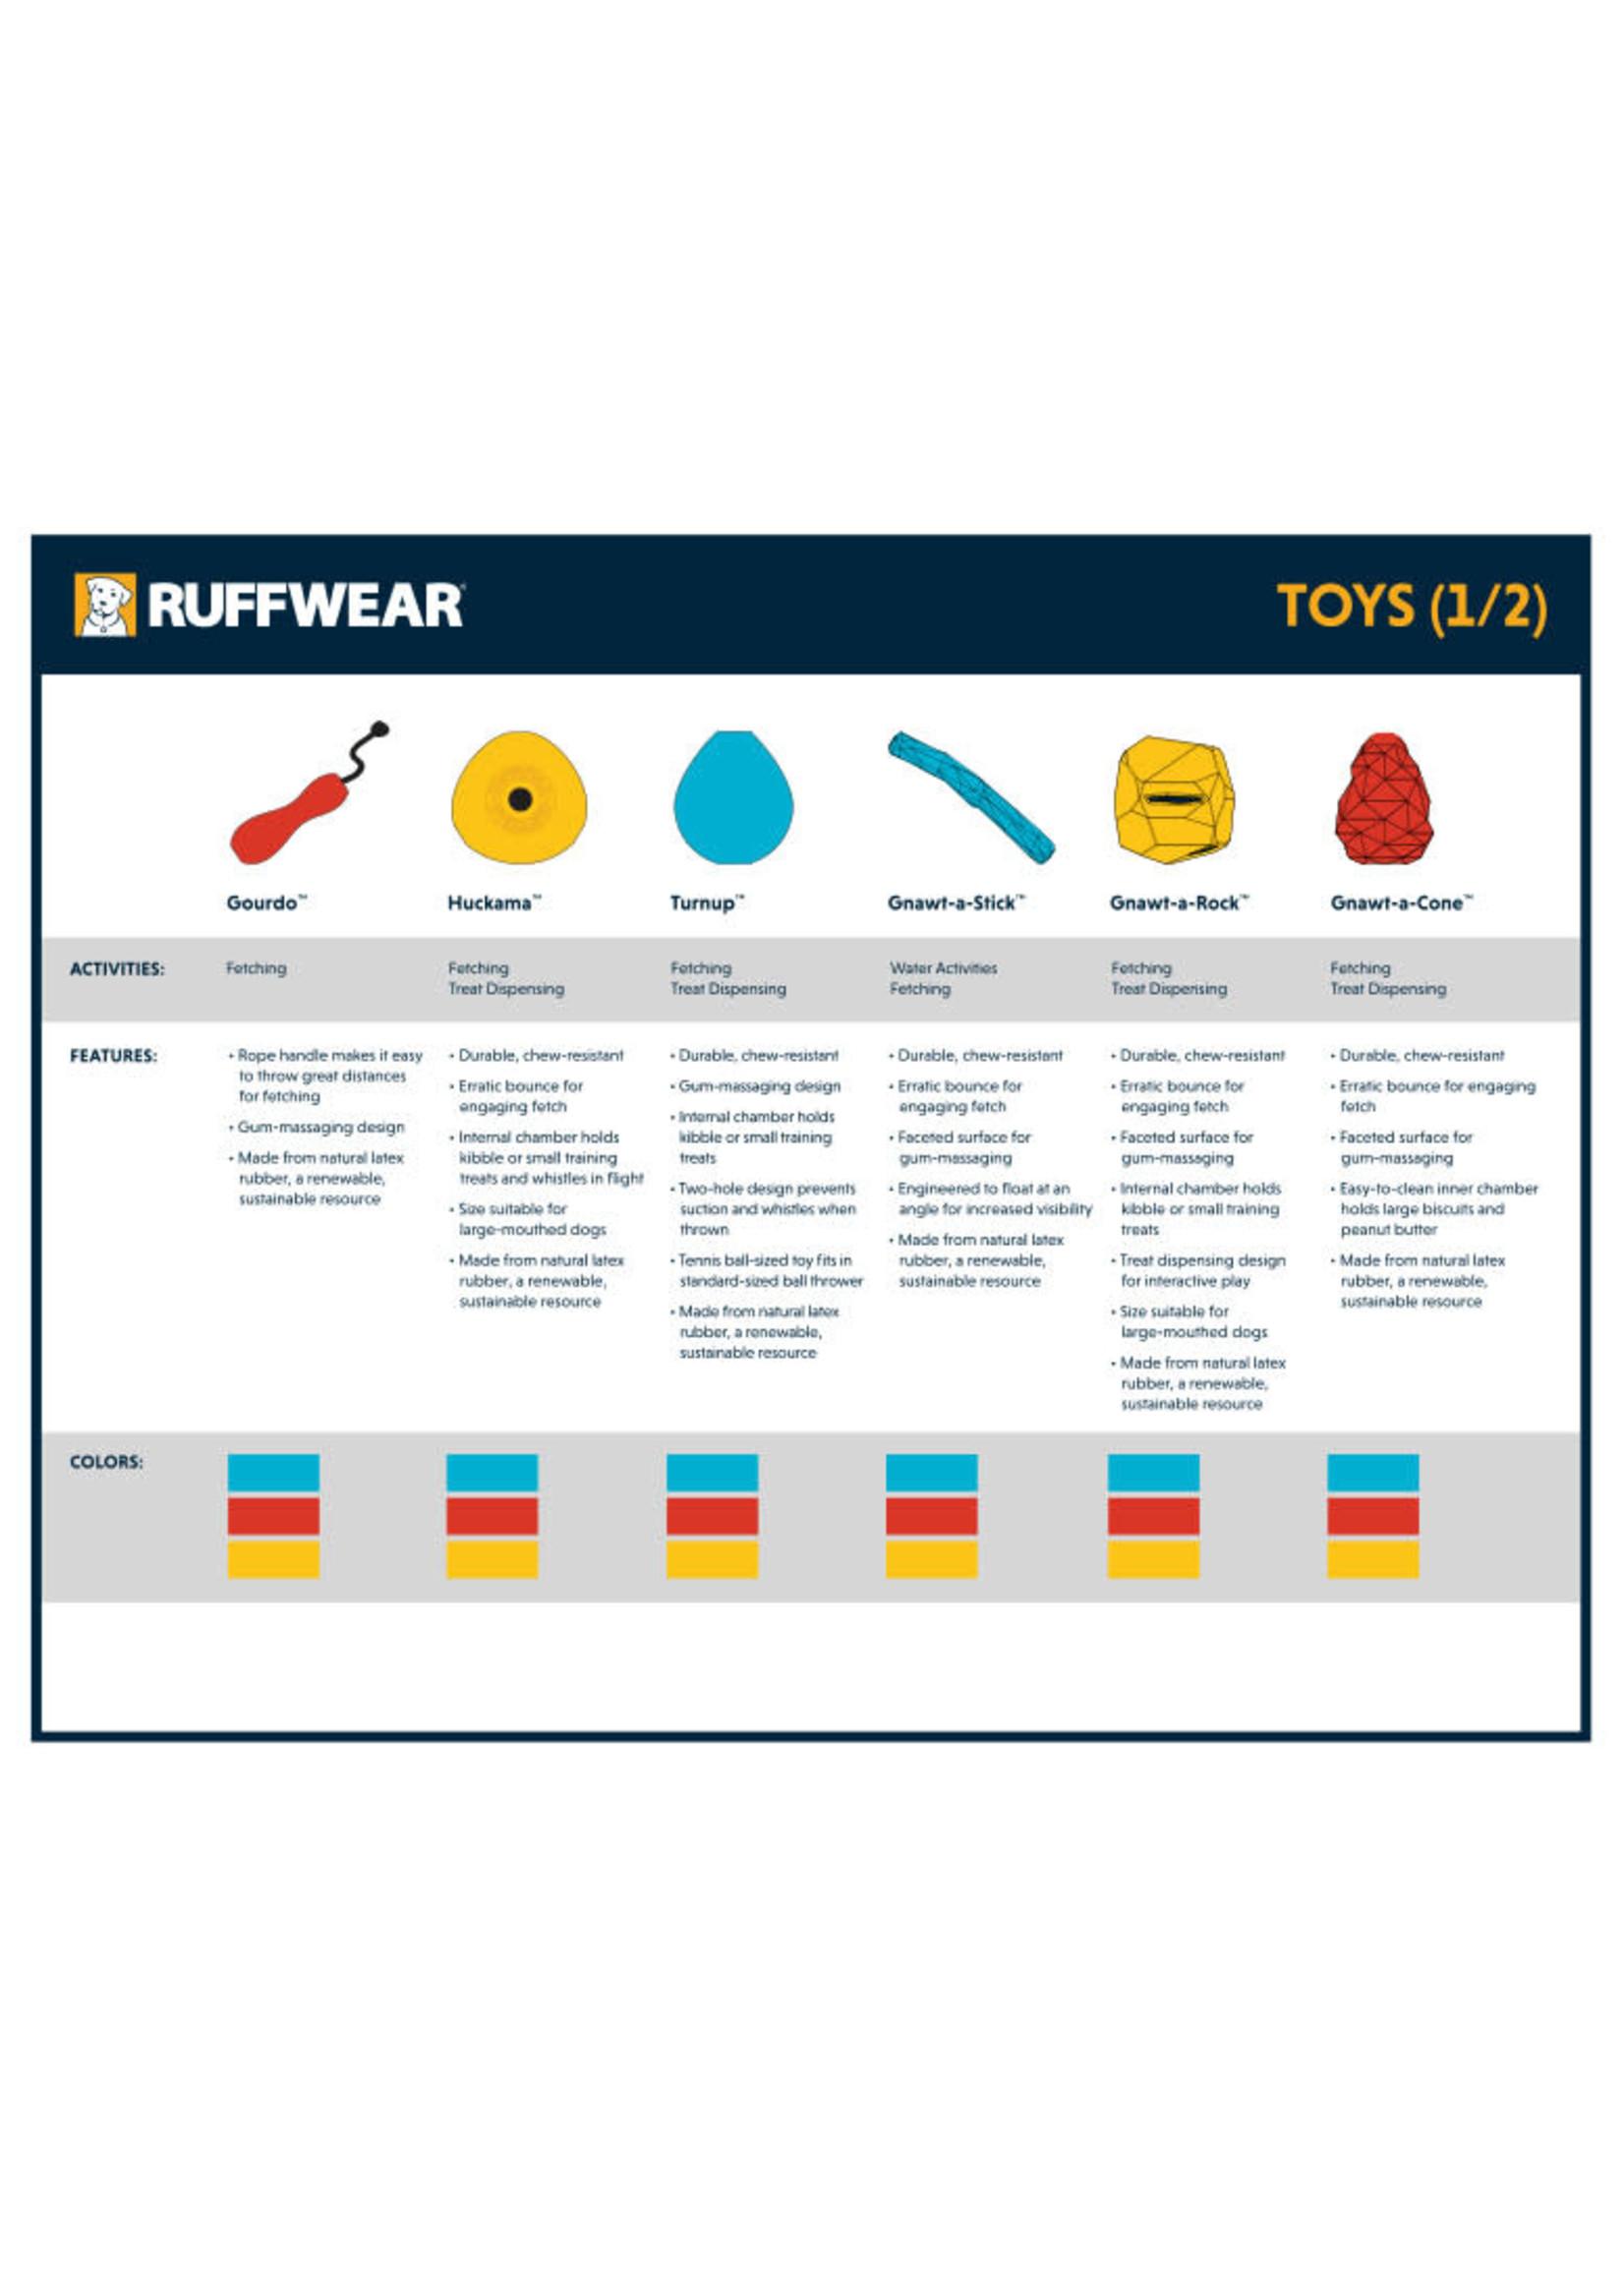 Ruffwear RW Gnawt A Cone Blue